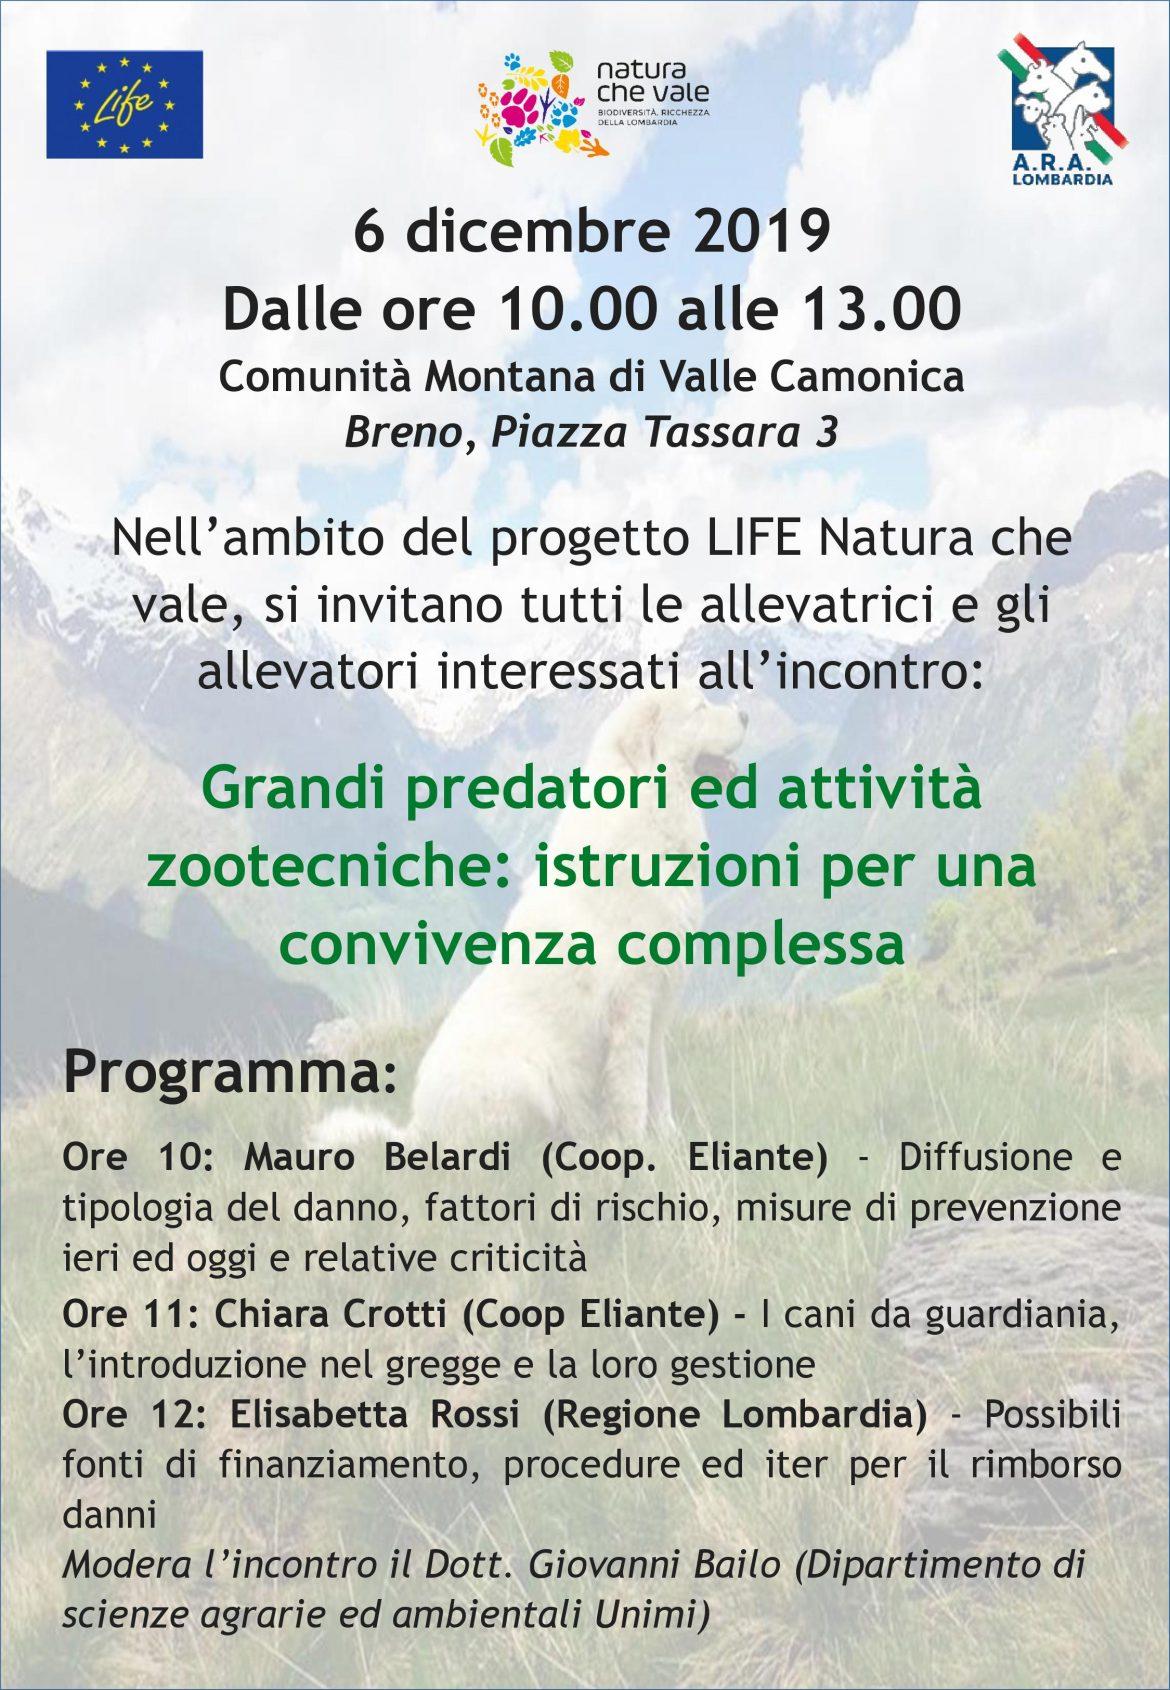 Grandi-predatori-6-dicembre-Valle-Camonica.jpg